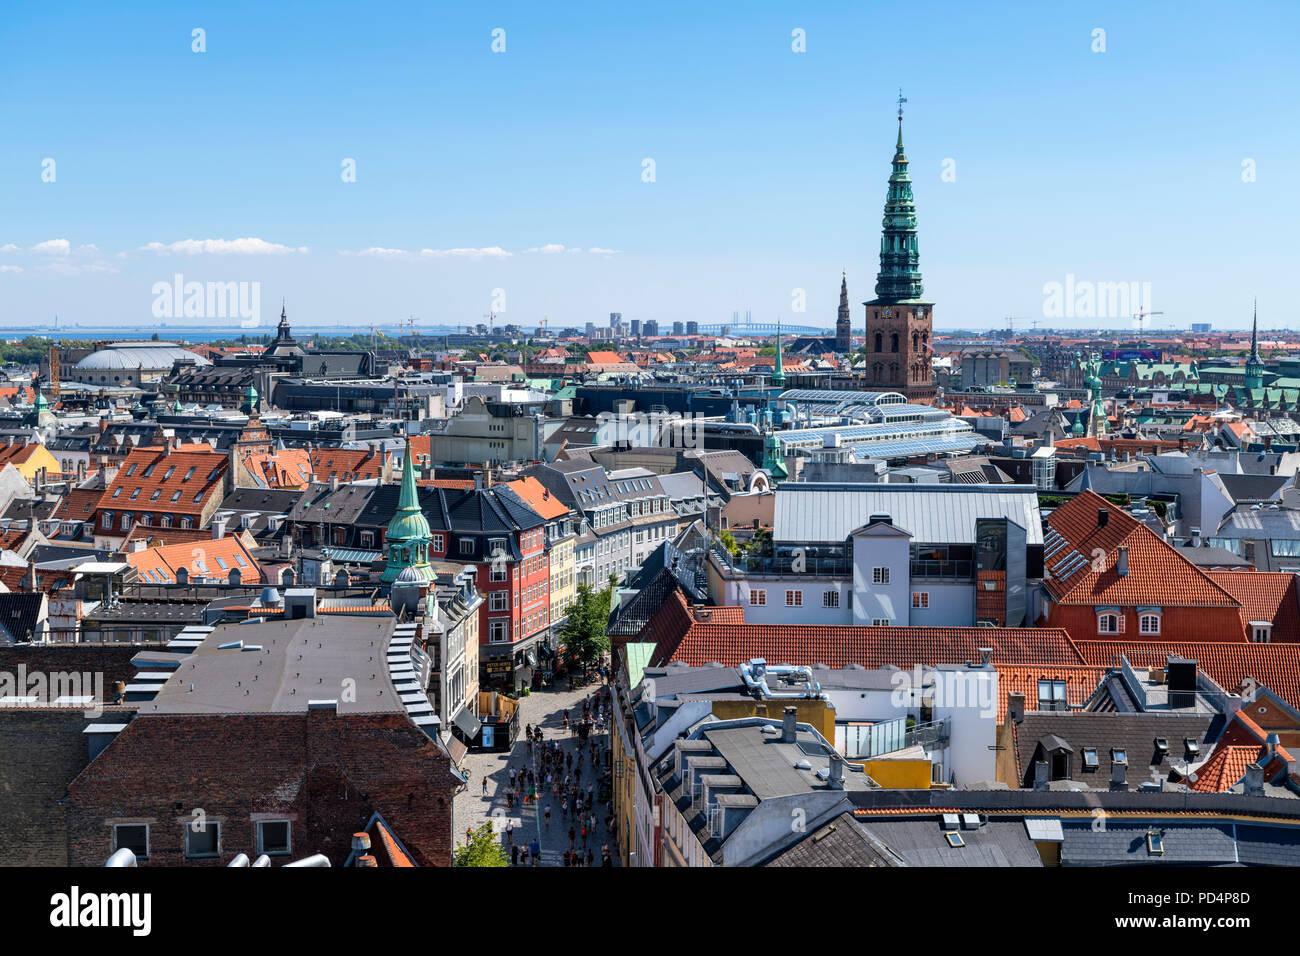 Vista sulla città da Rundetaarn (torre rotonda) guardando verso la guglia della Nikolaj Contemporary Art Center (la chiesa di San Nicola), Copenhagen, Danimarca Immagini Stock